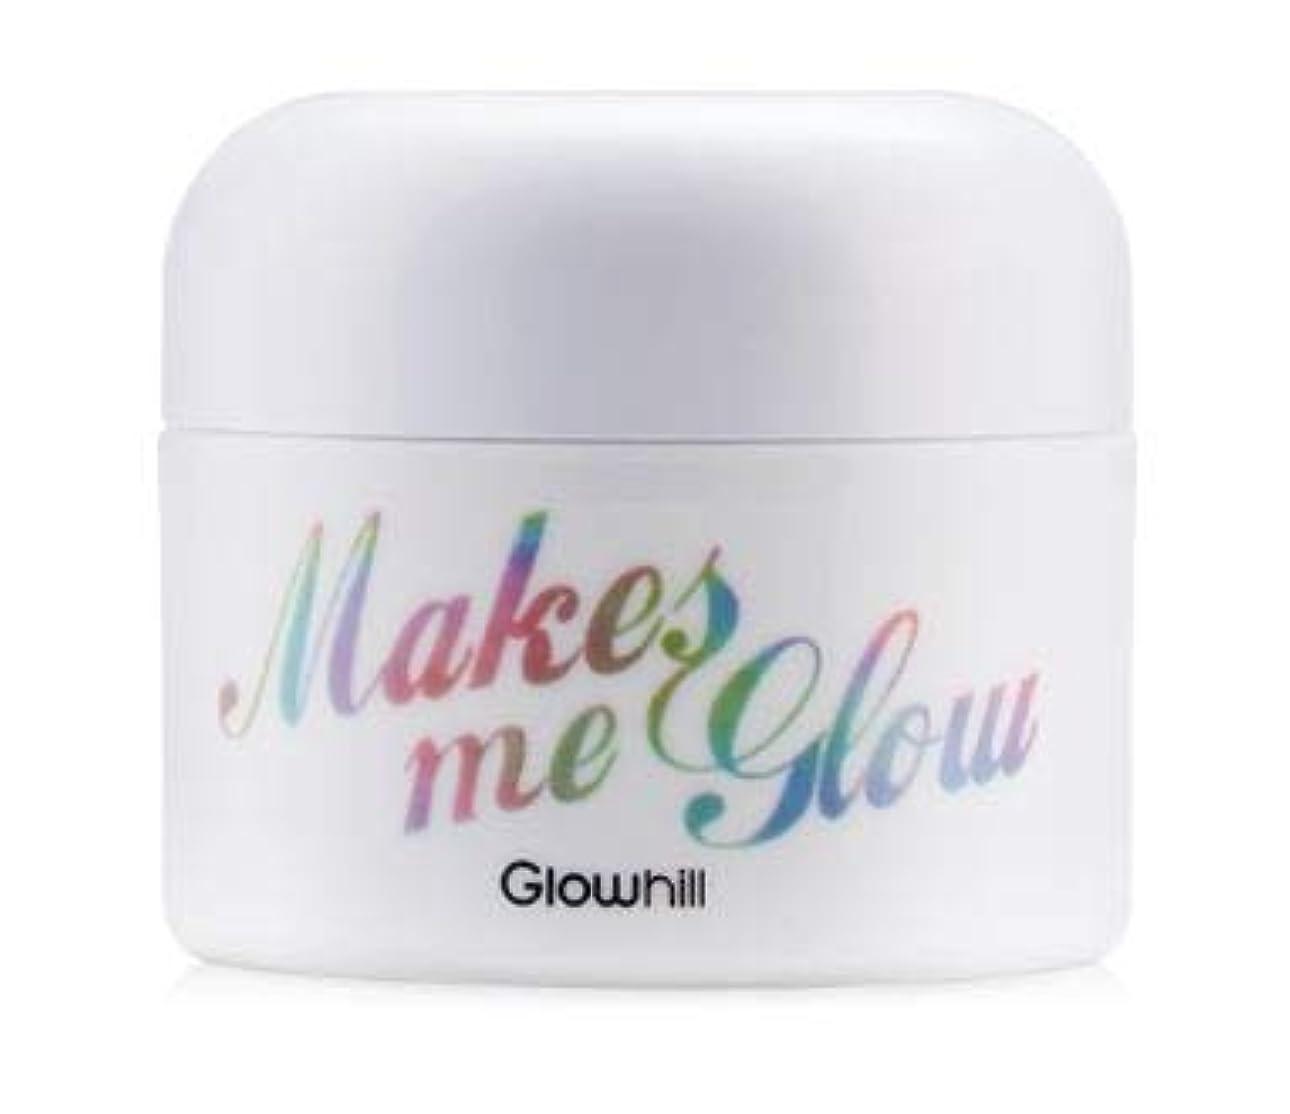 合意フェリー撃退する[Glowhill] Aurora Whitehole Glow Mask / [グローヒル] オーロラホワイトホールグローマスク [並行輸入品]